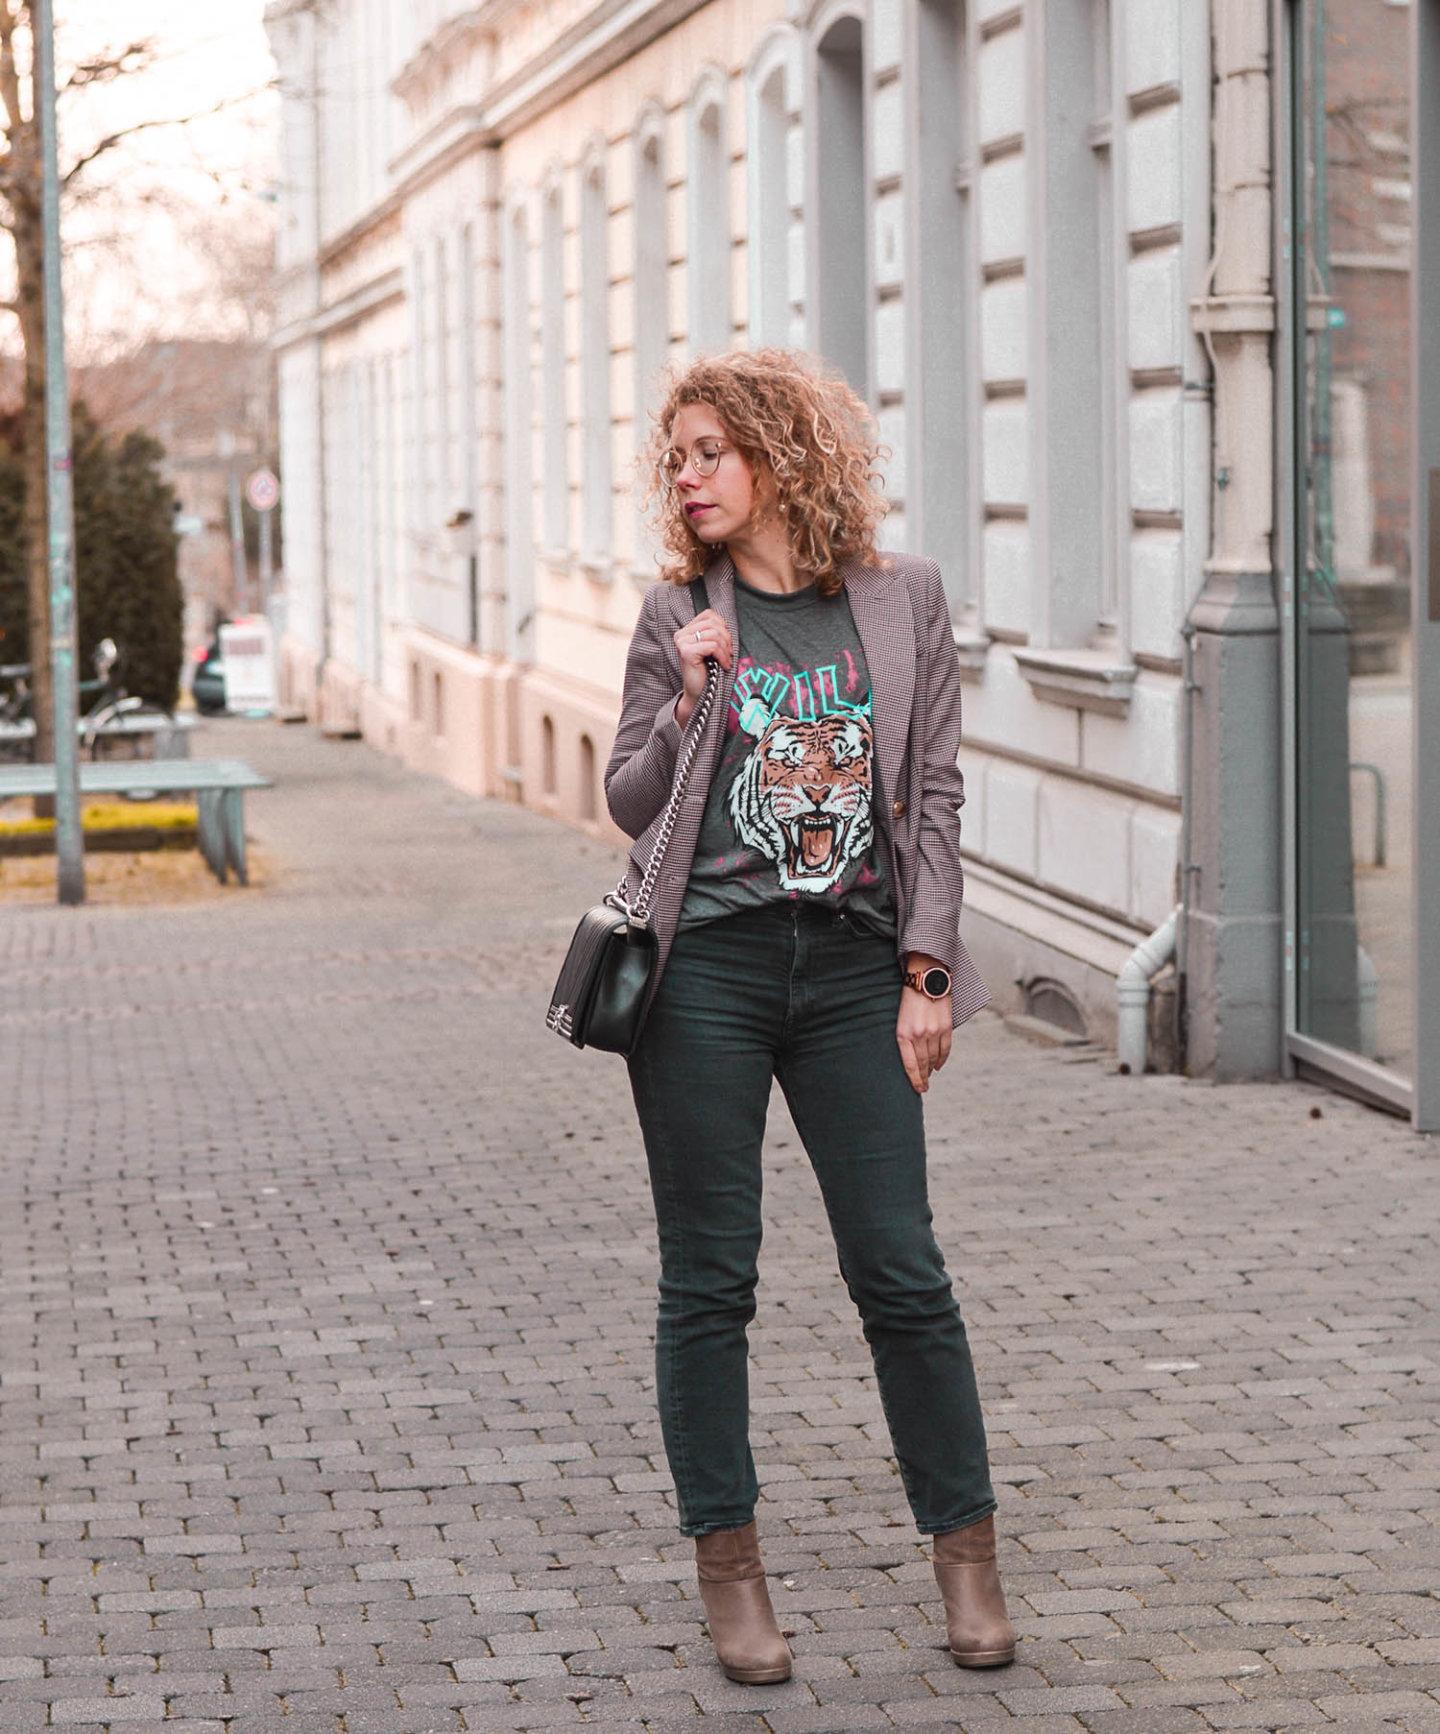 Modetrend Rockshirt - Anine Bing Lookalike